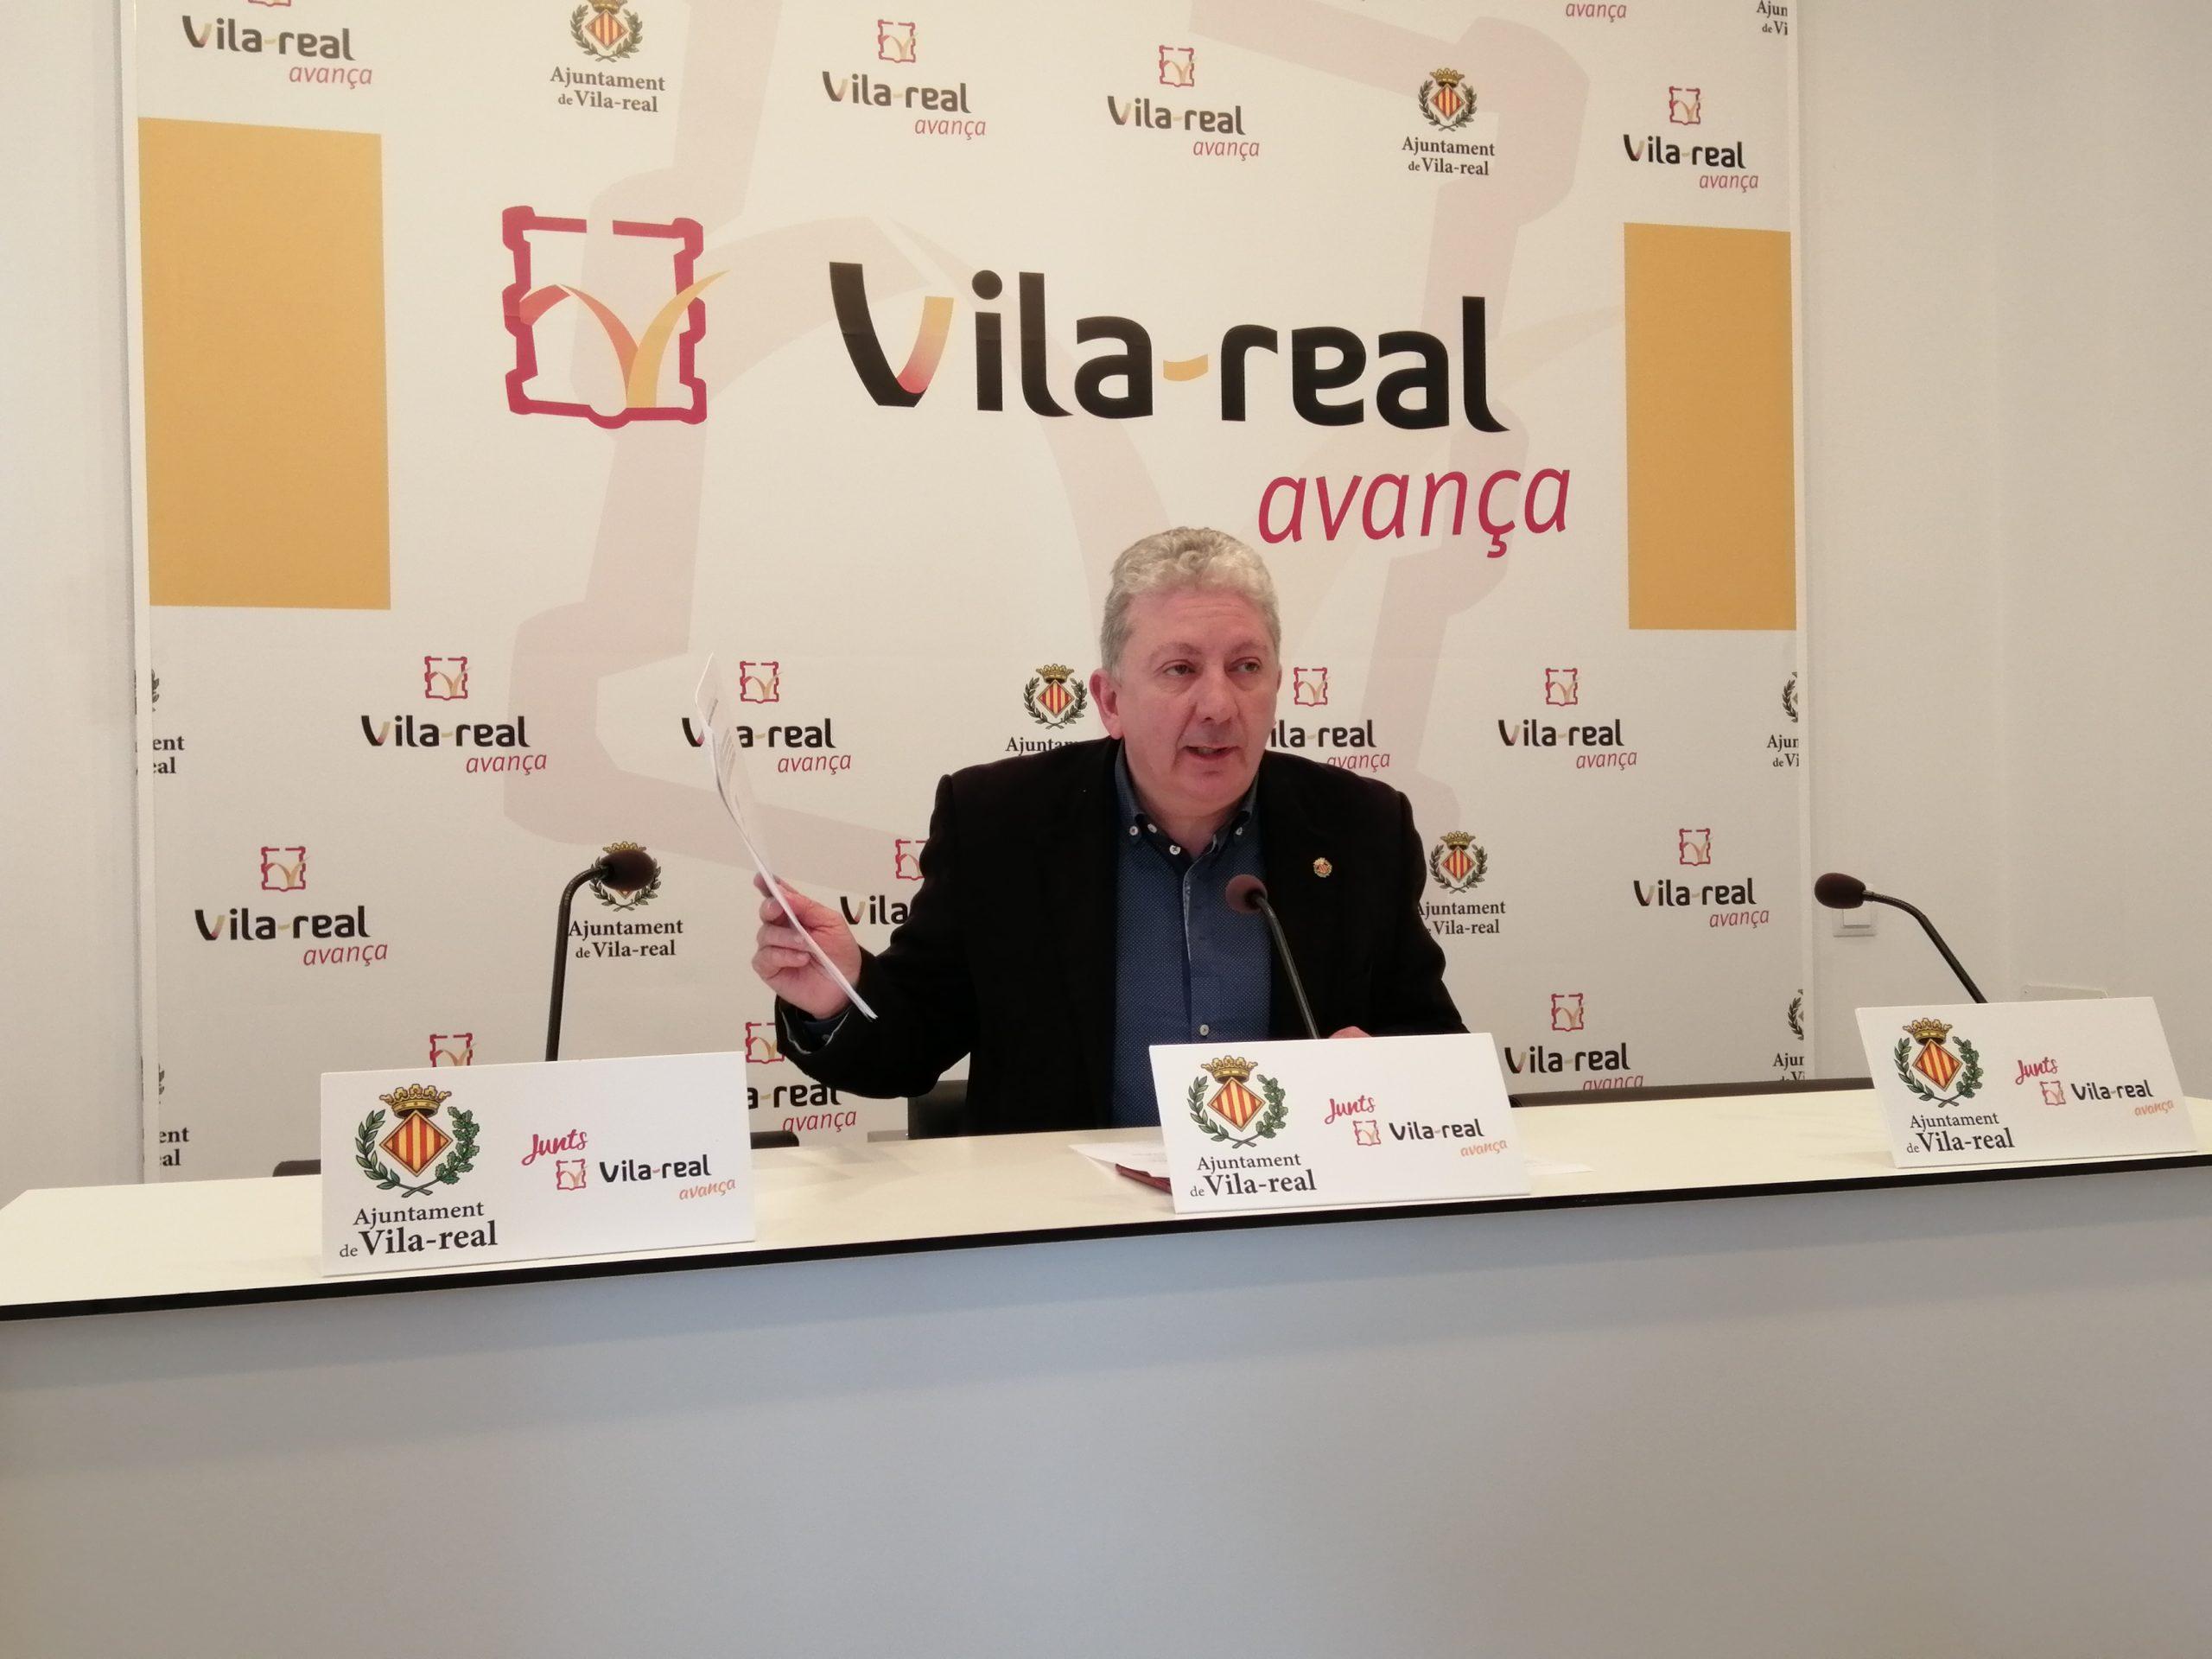 """El gobierno de Vila-real estudiará acciones legales ante la """"difamación continua"""" de Compromís contra concejales del ejecutivo local"""